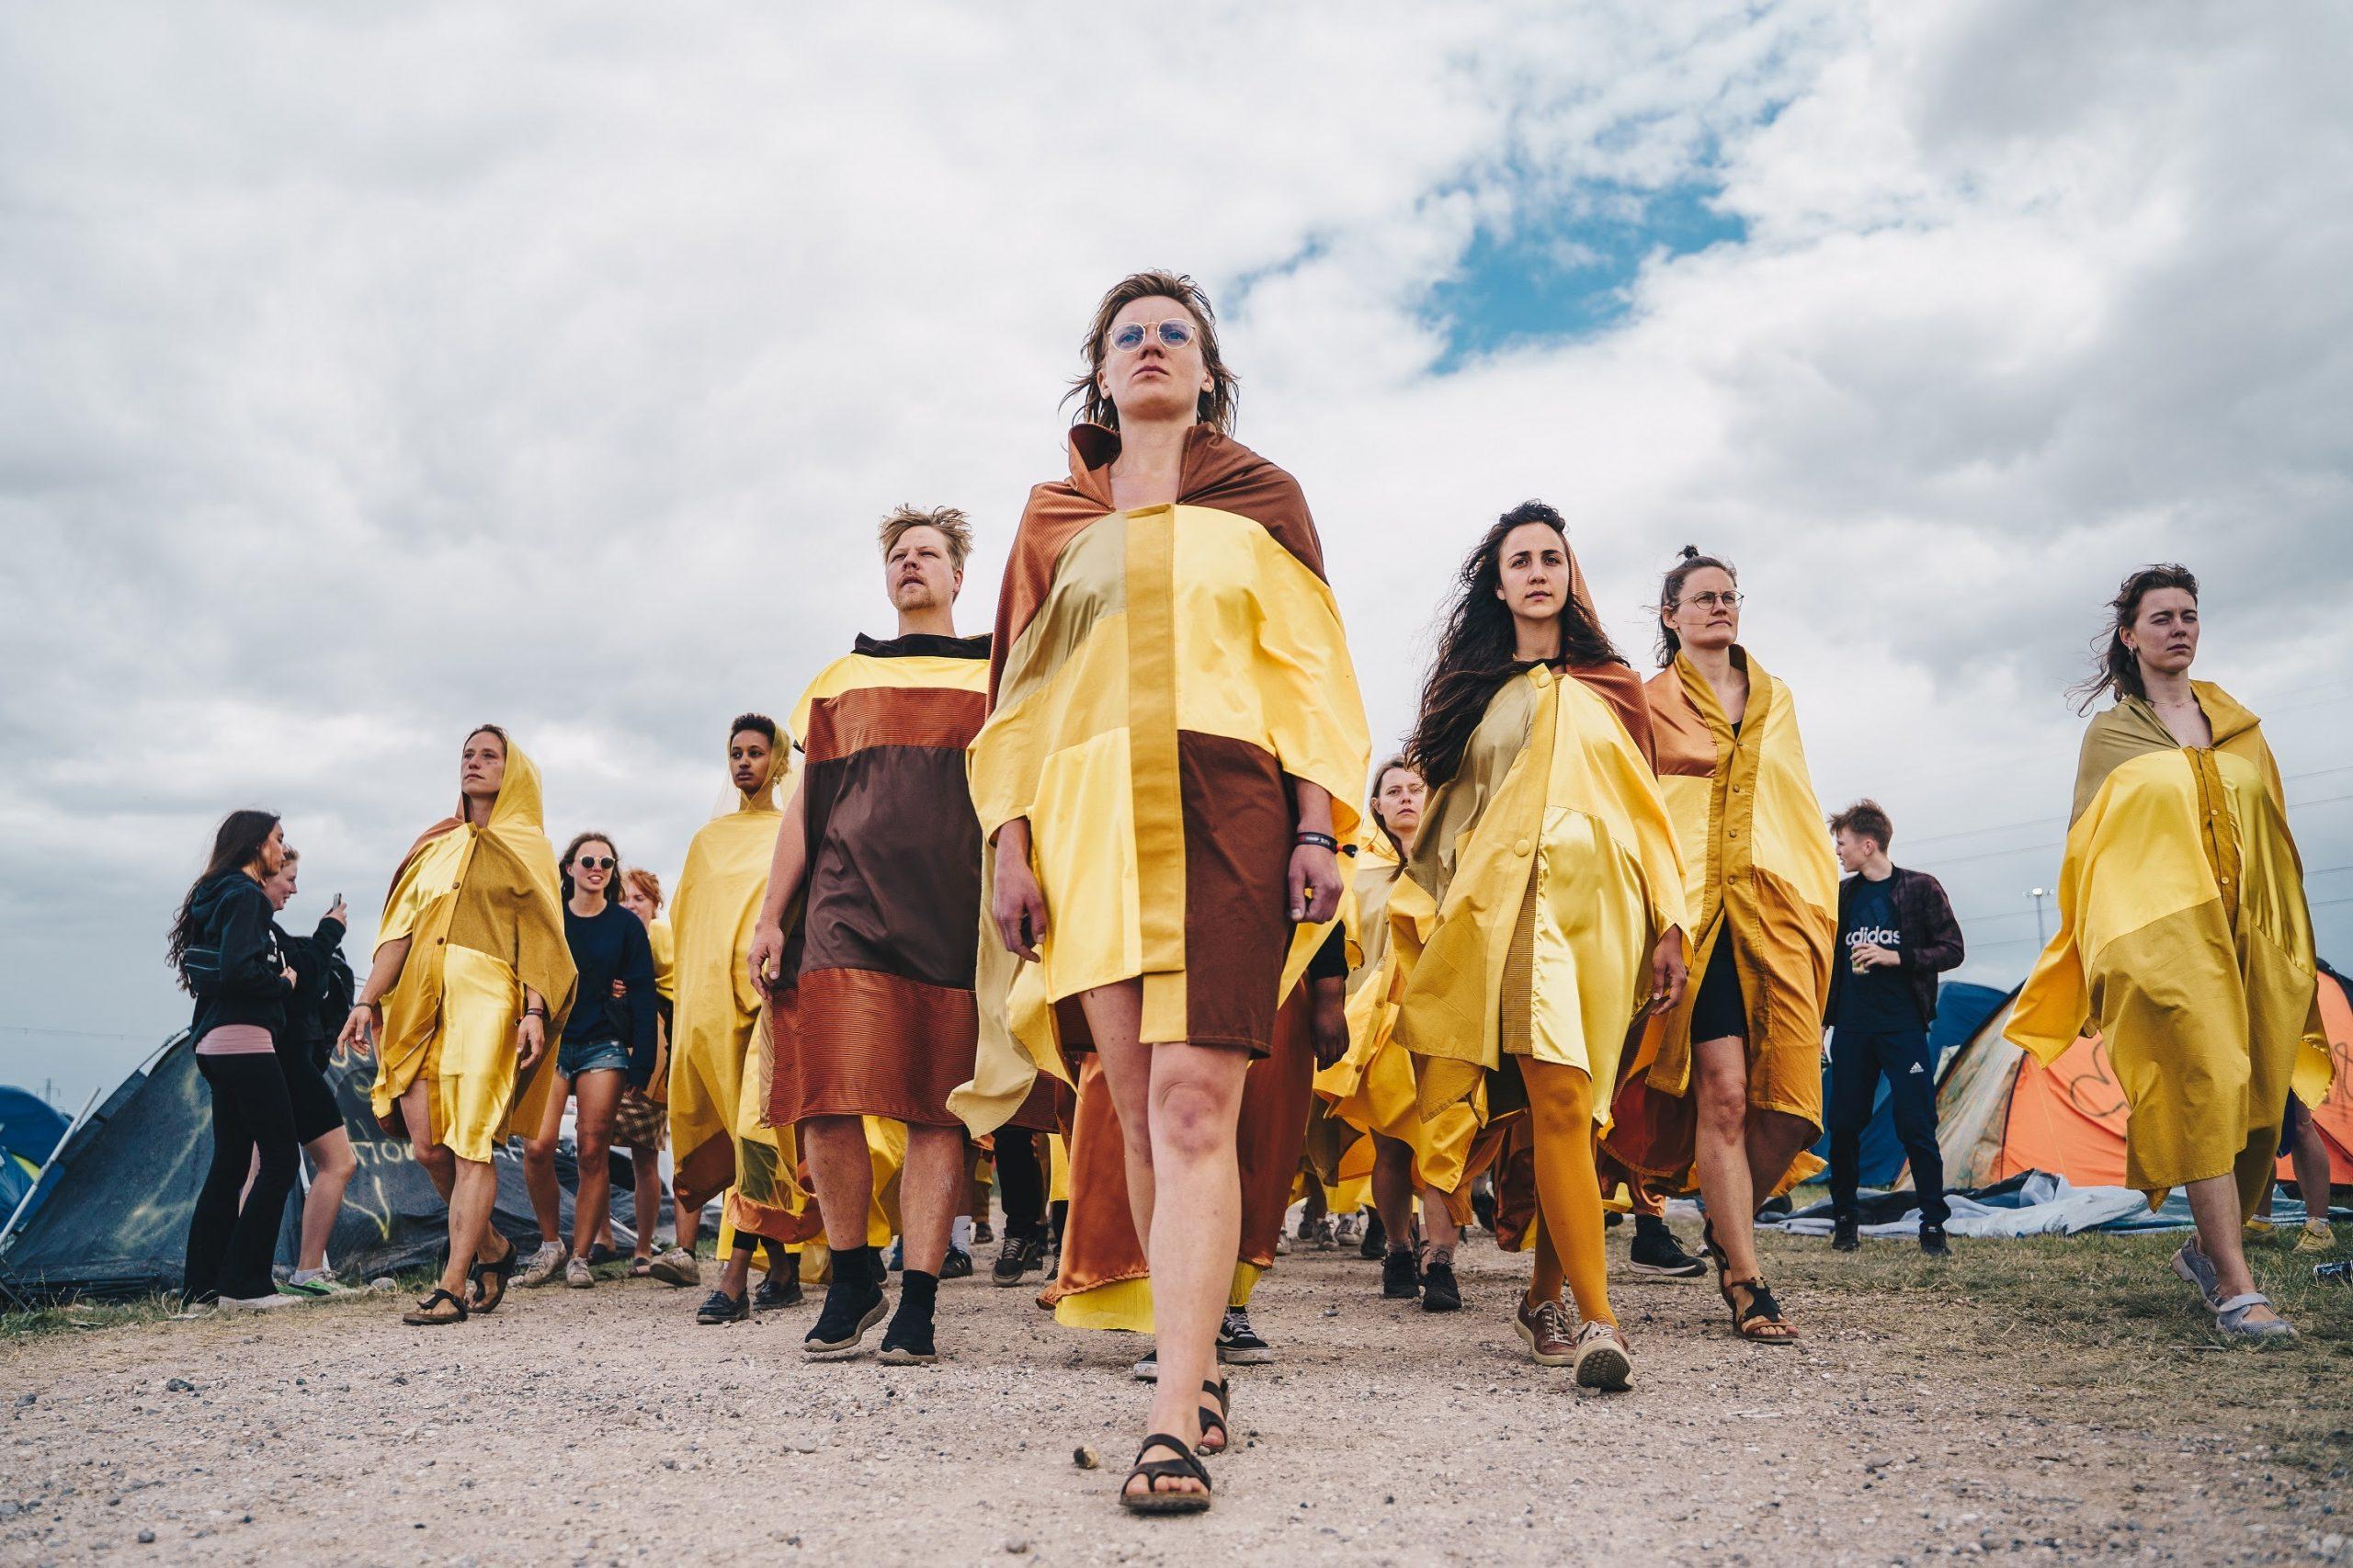 Koncerter, kunst og workshops: Kom til gratis kultur på Gammeltorv